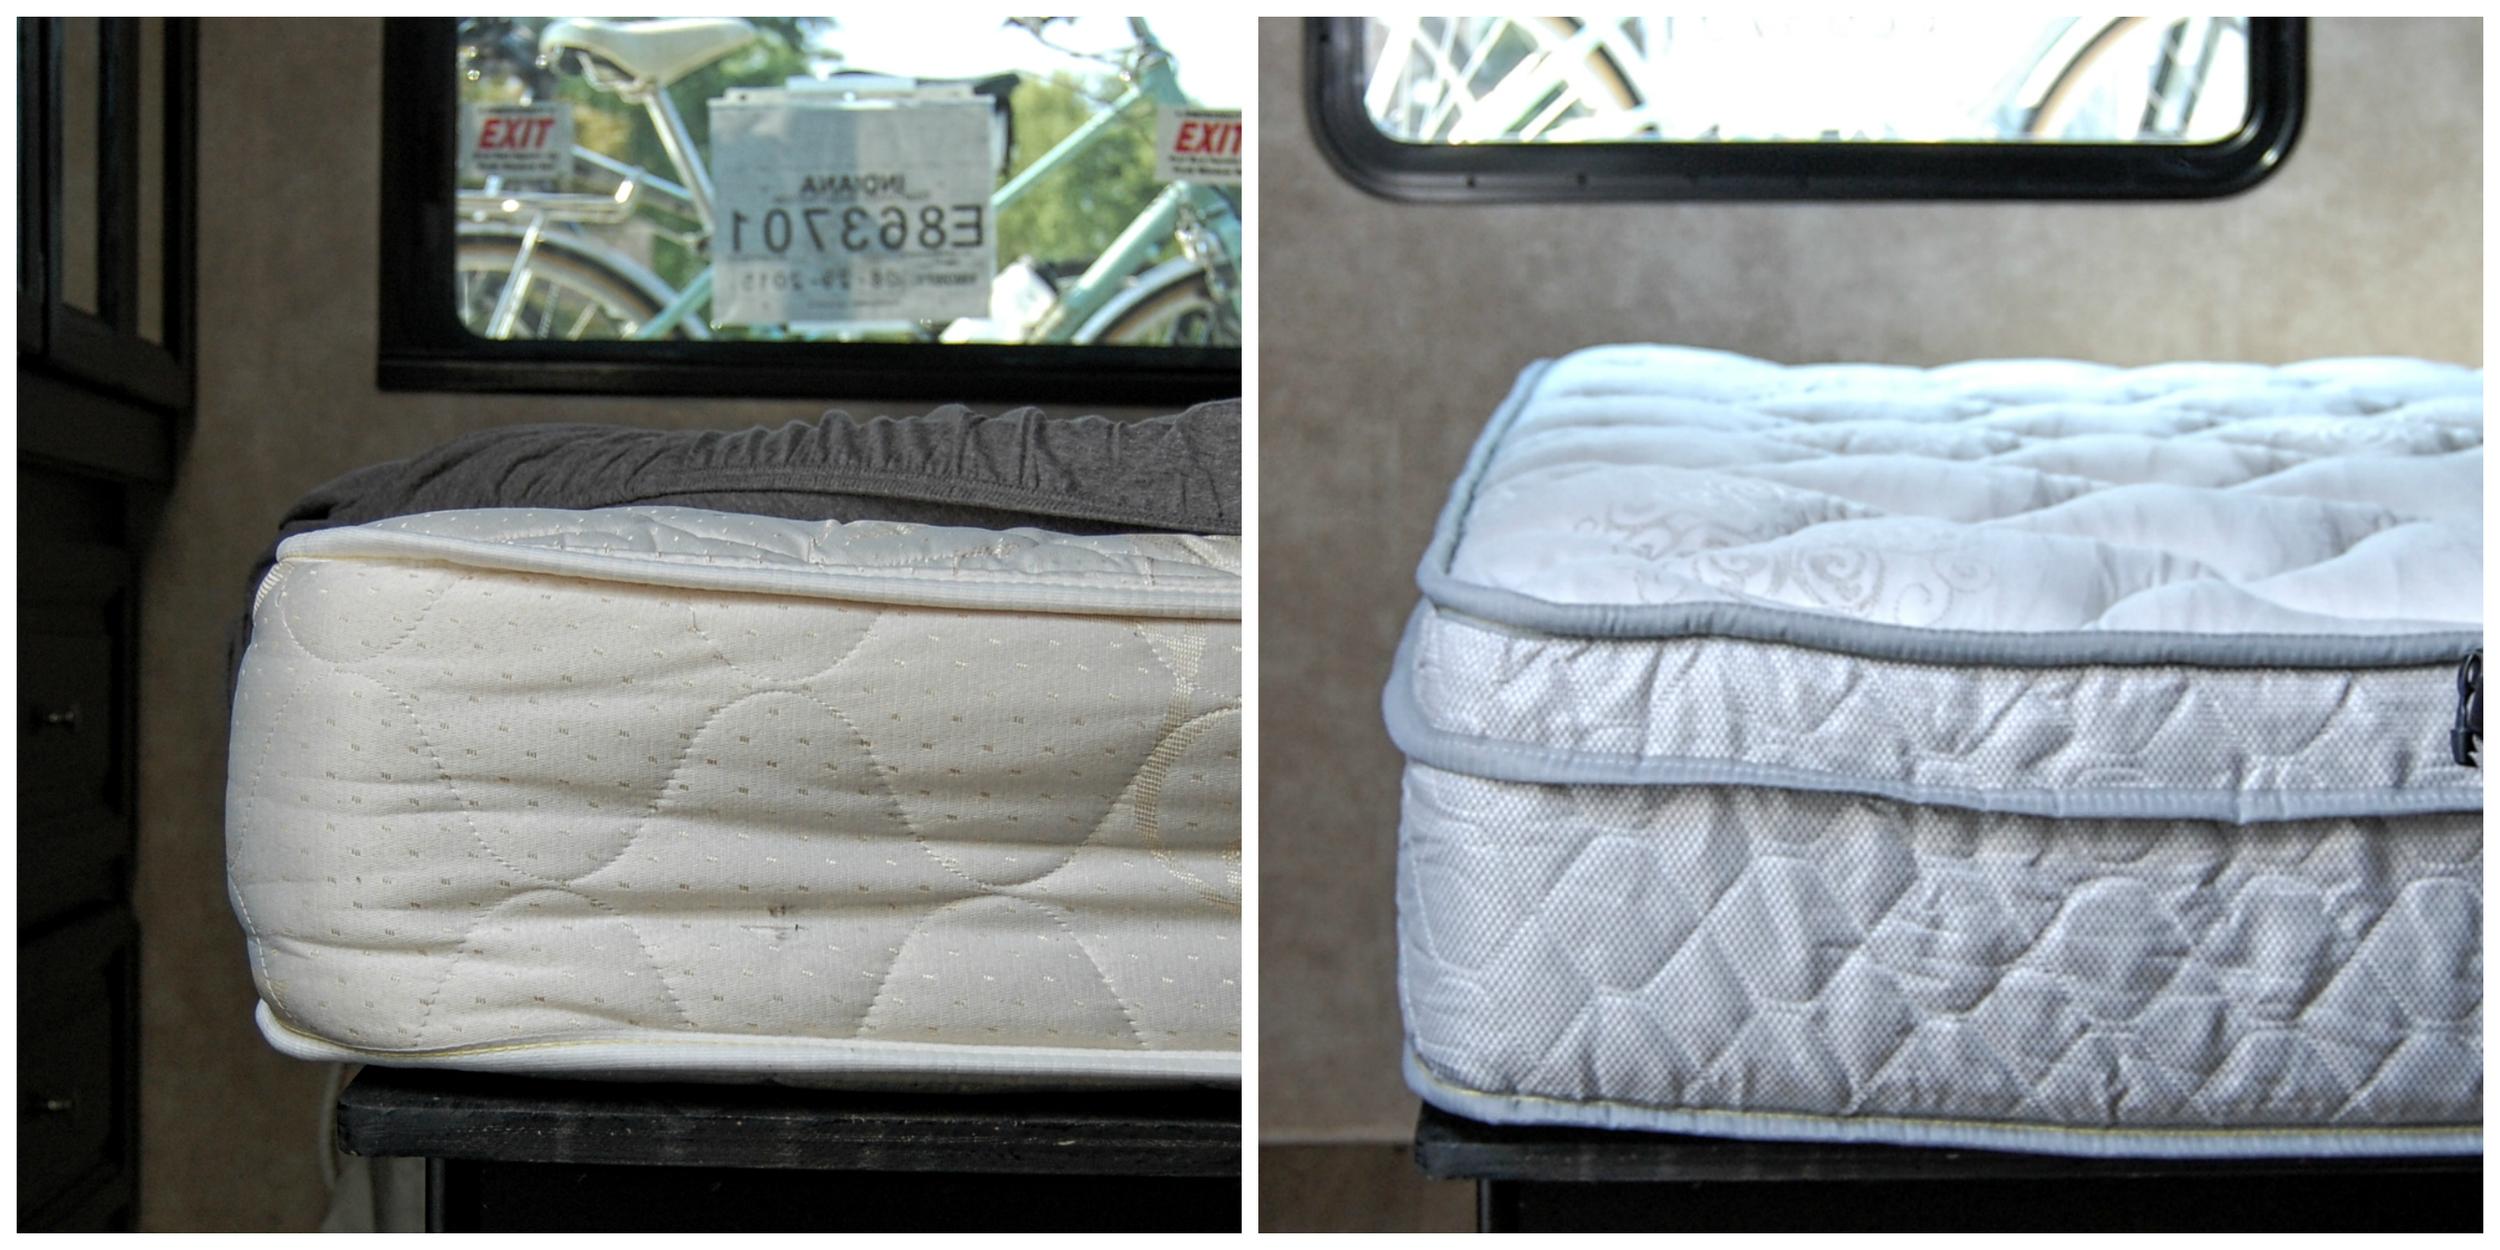 L: Old RV mattress. R: Luxurious Denver Mattress RV Collection upgrade.